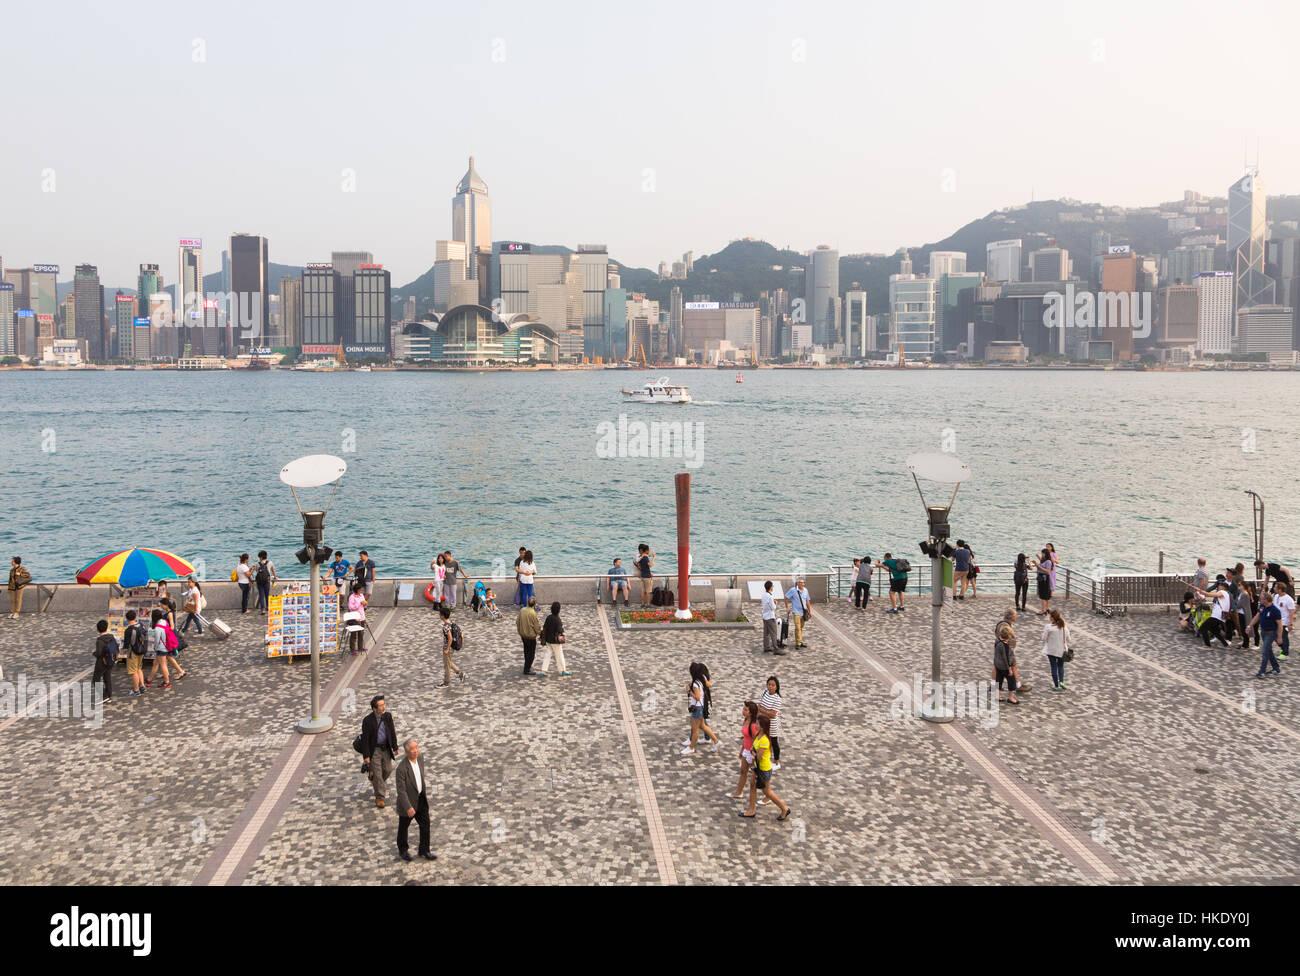 Hong Kong, Hong Kong - le 26 avril 2015: les touristes de prendre des photos et profiter de la célèbre Photo Stock